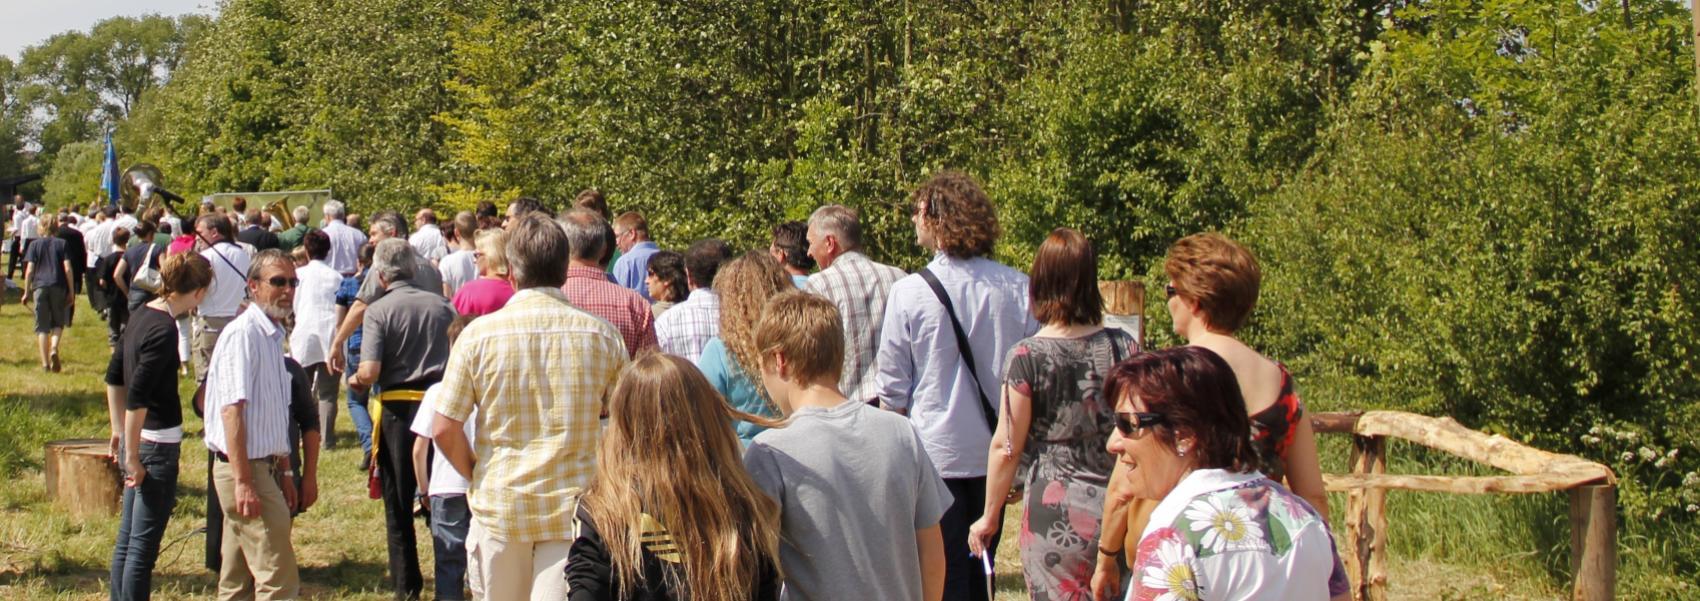 grote groep wandelaars in het bos